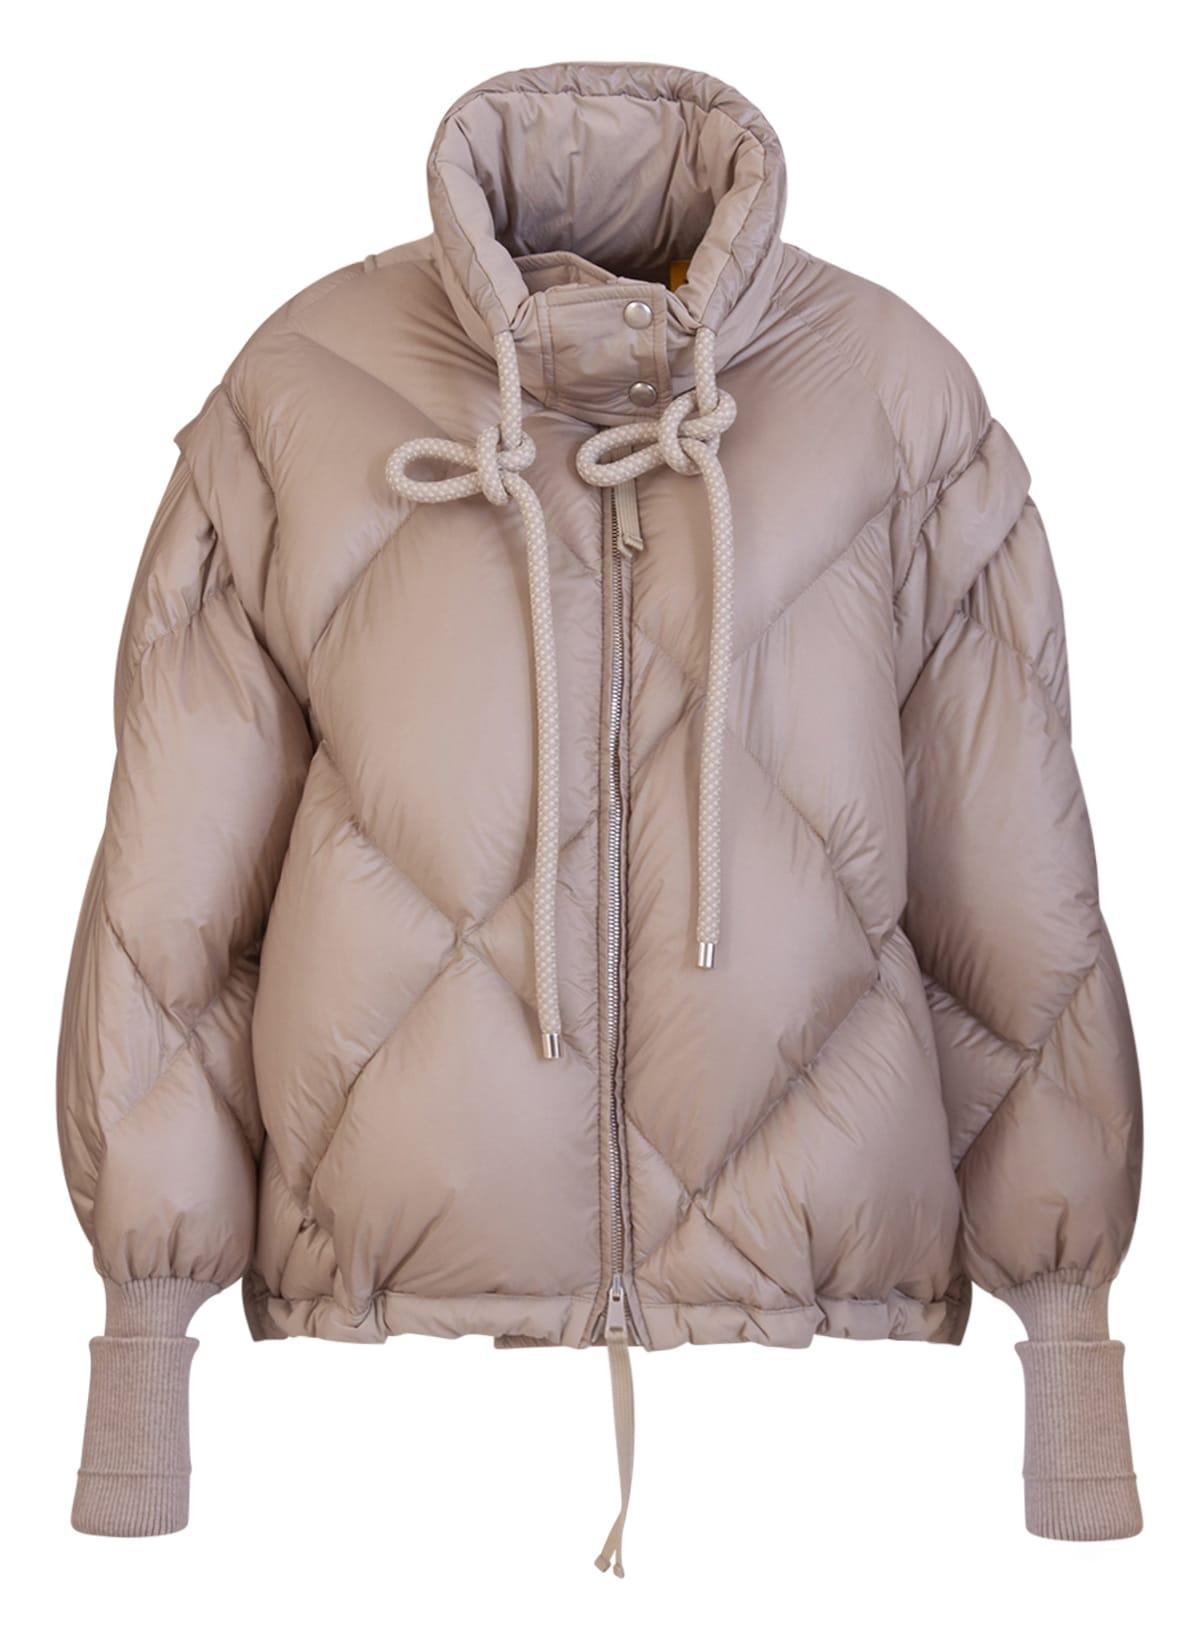 02 Moncler Genius 1952 Francesca Down Jacket